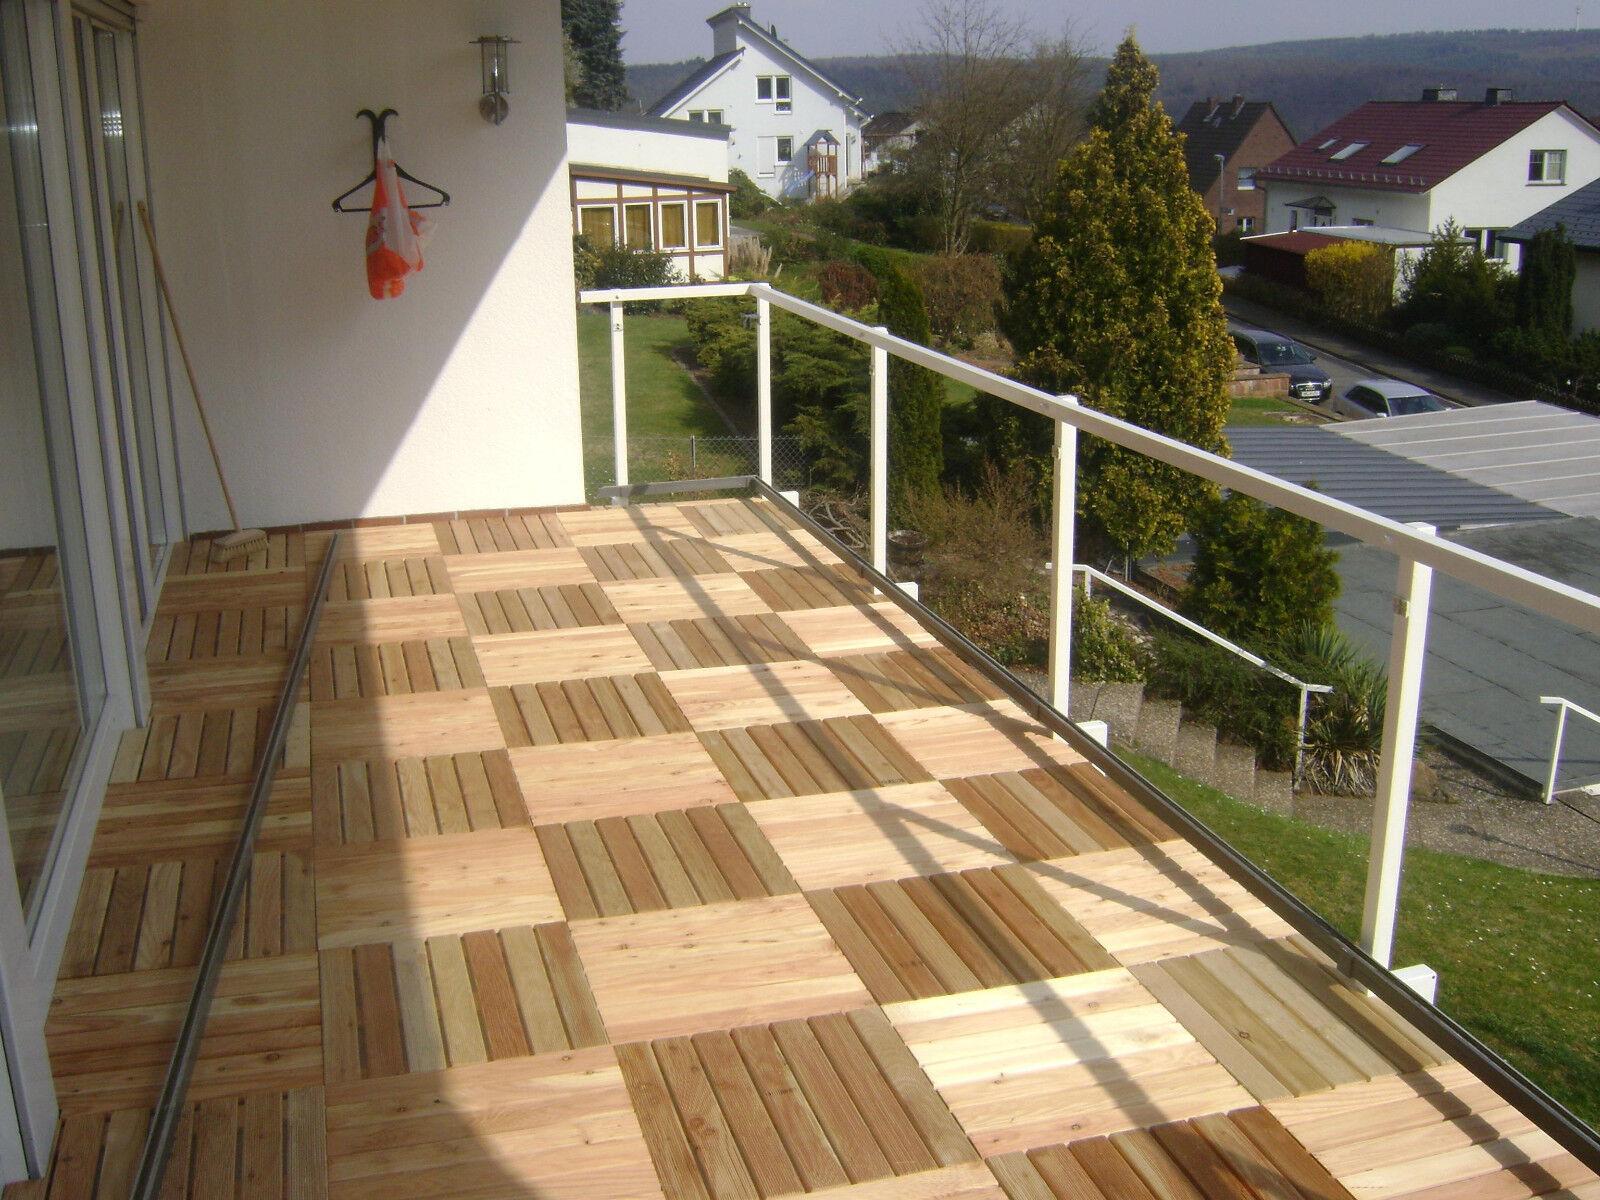 Holzfliesen In Farbe:braun | Ebay Holzfliesen Balkon Holzarten